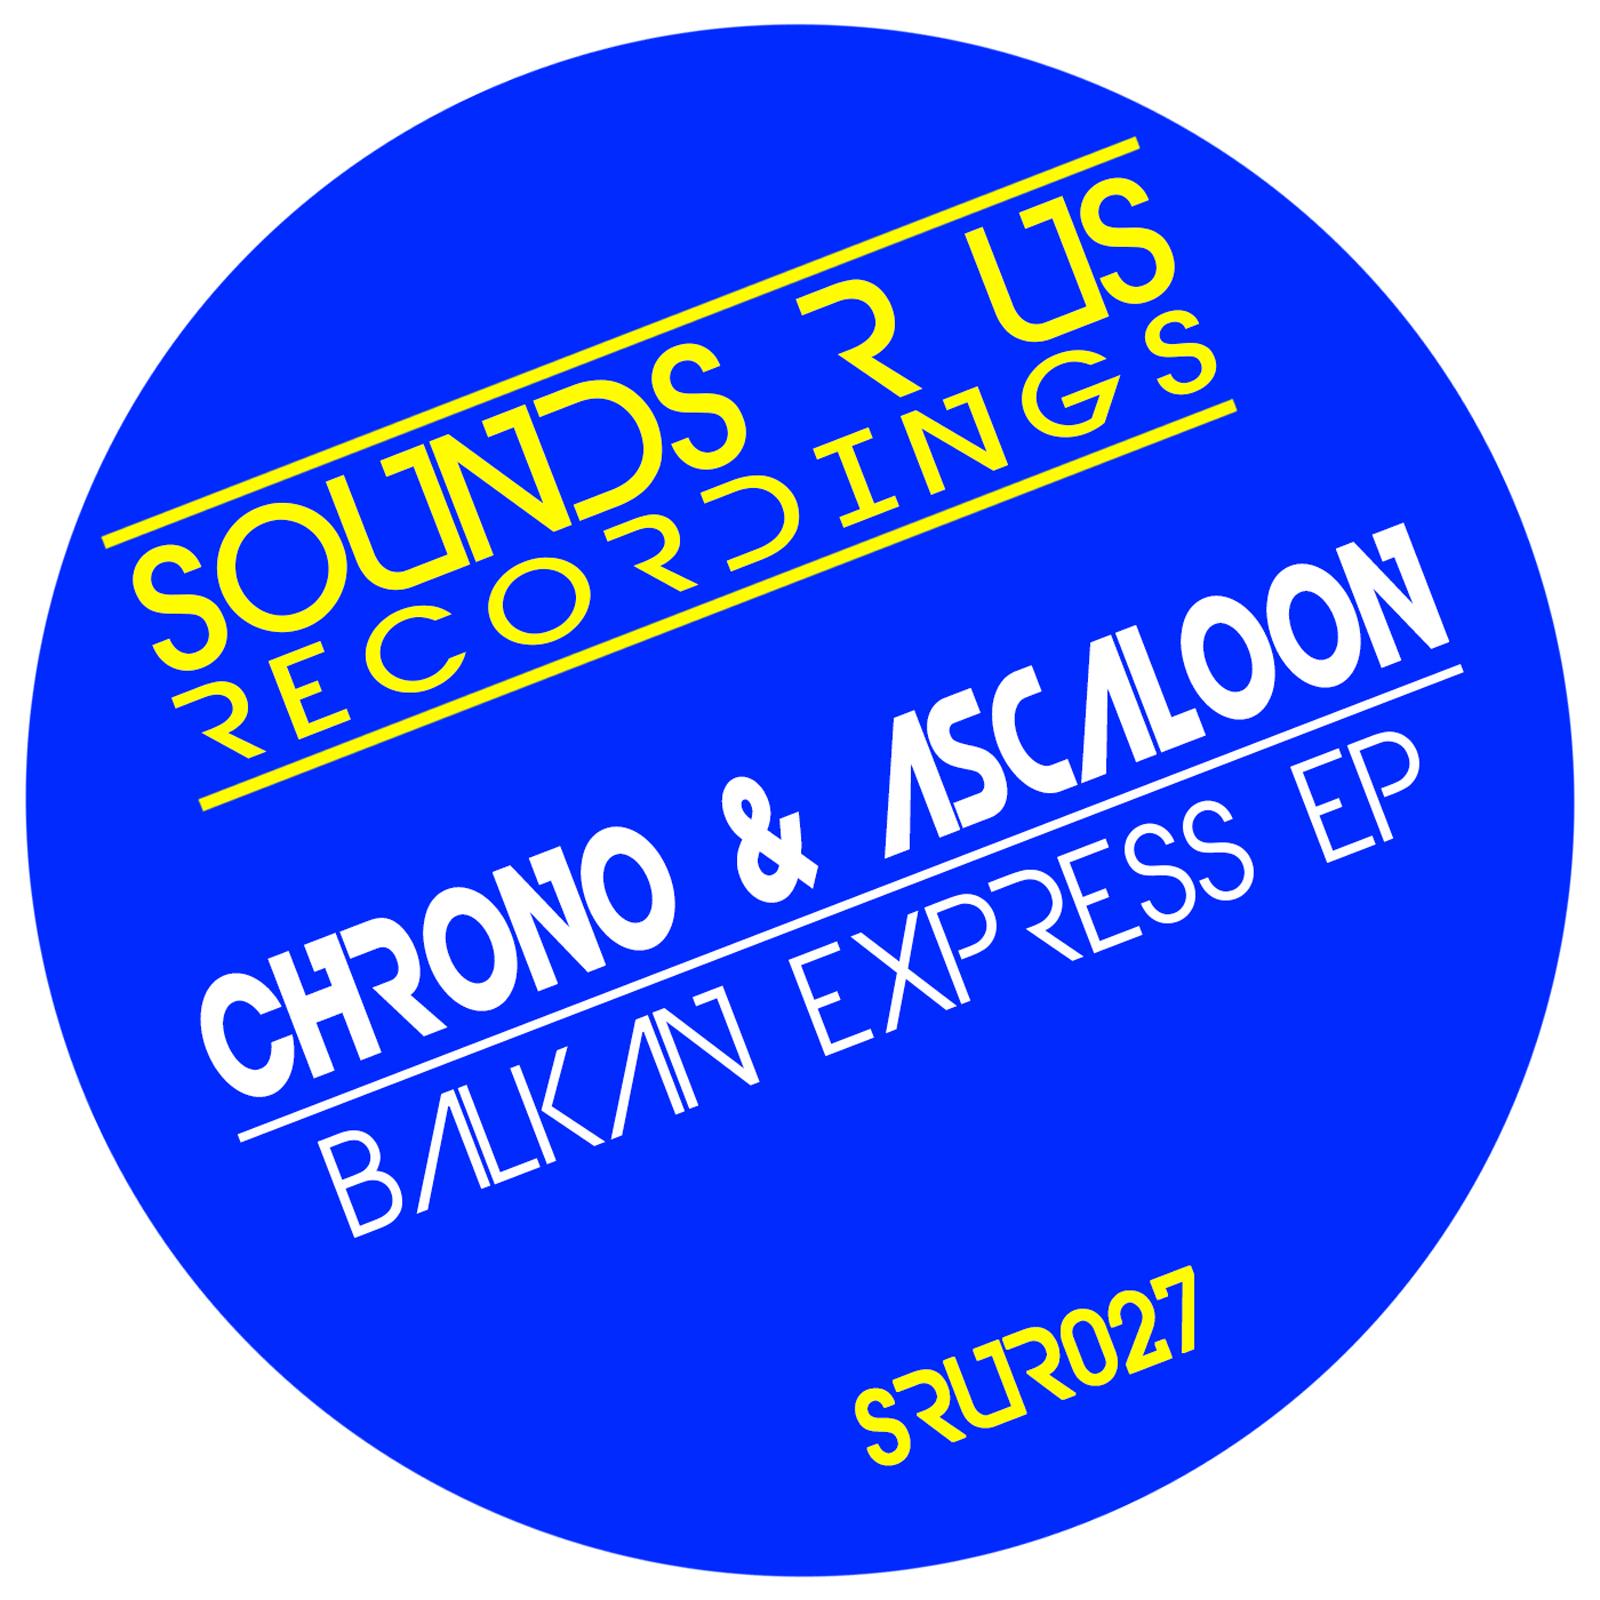 SRUR027---Chrono-&-Ascaloon---Balkan-Express-EP